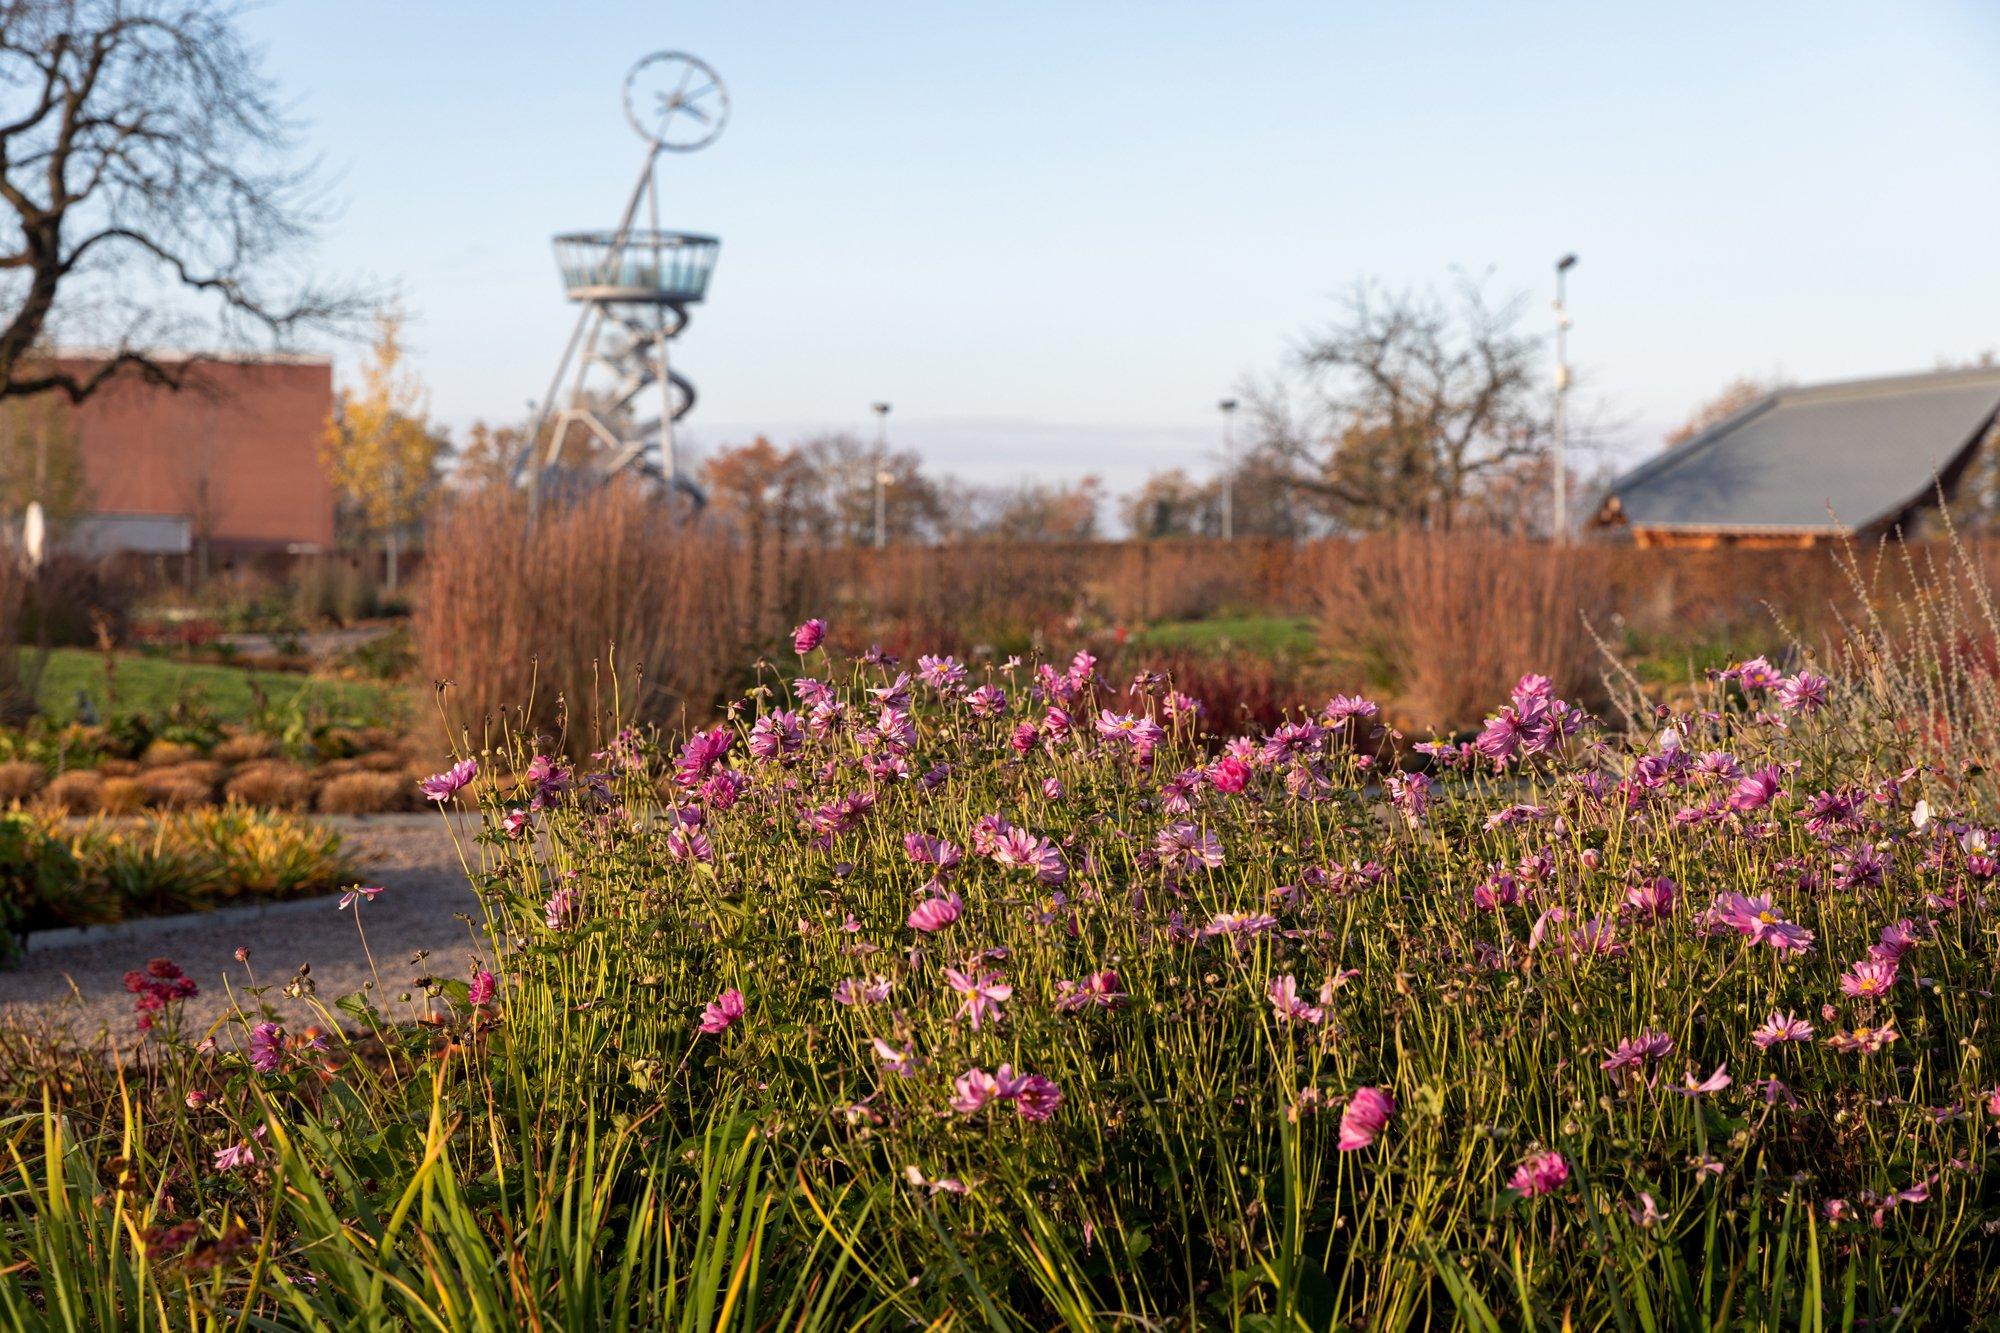 Piet Oudolf Gartenauf demVitra Campusin Weil am Rhein /November2020 / Foto: @ Vitra